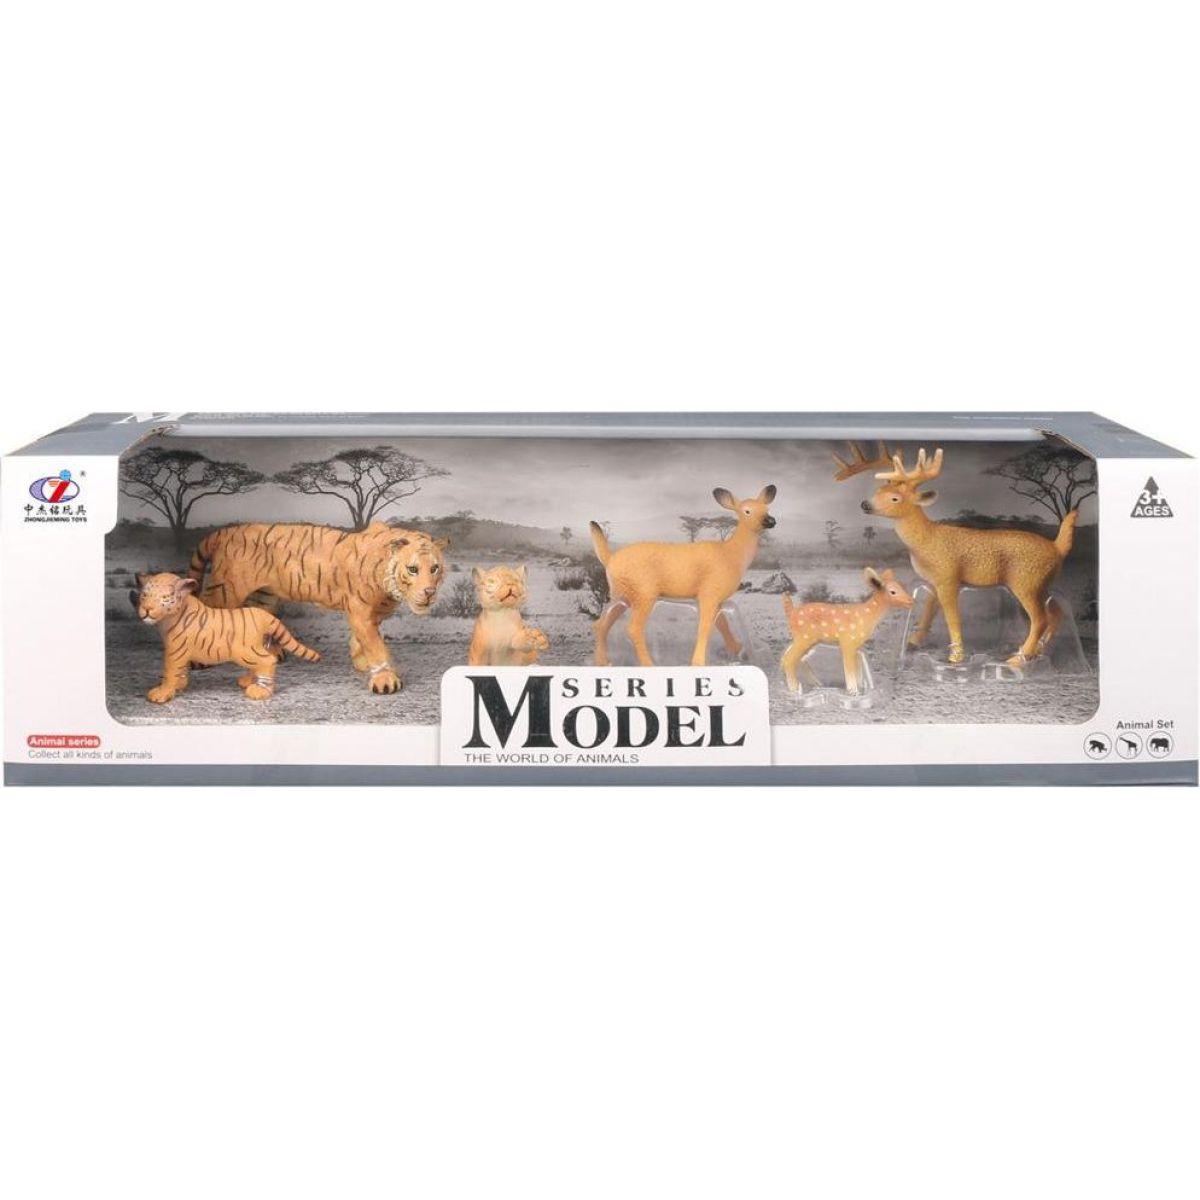 Series Model Svet zvierat rodina tigrov a srnečka, 6 zvieratiek